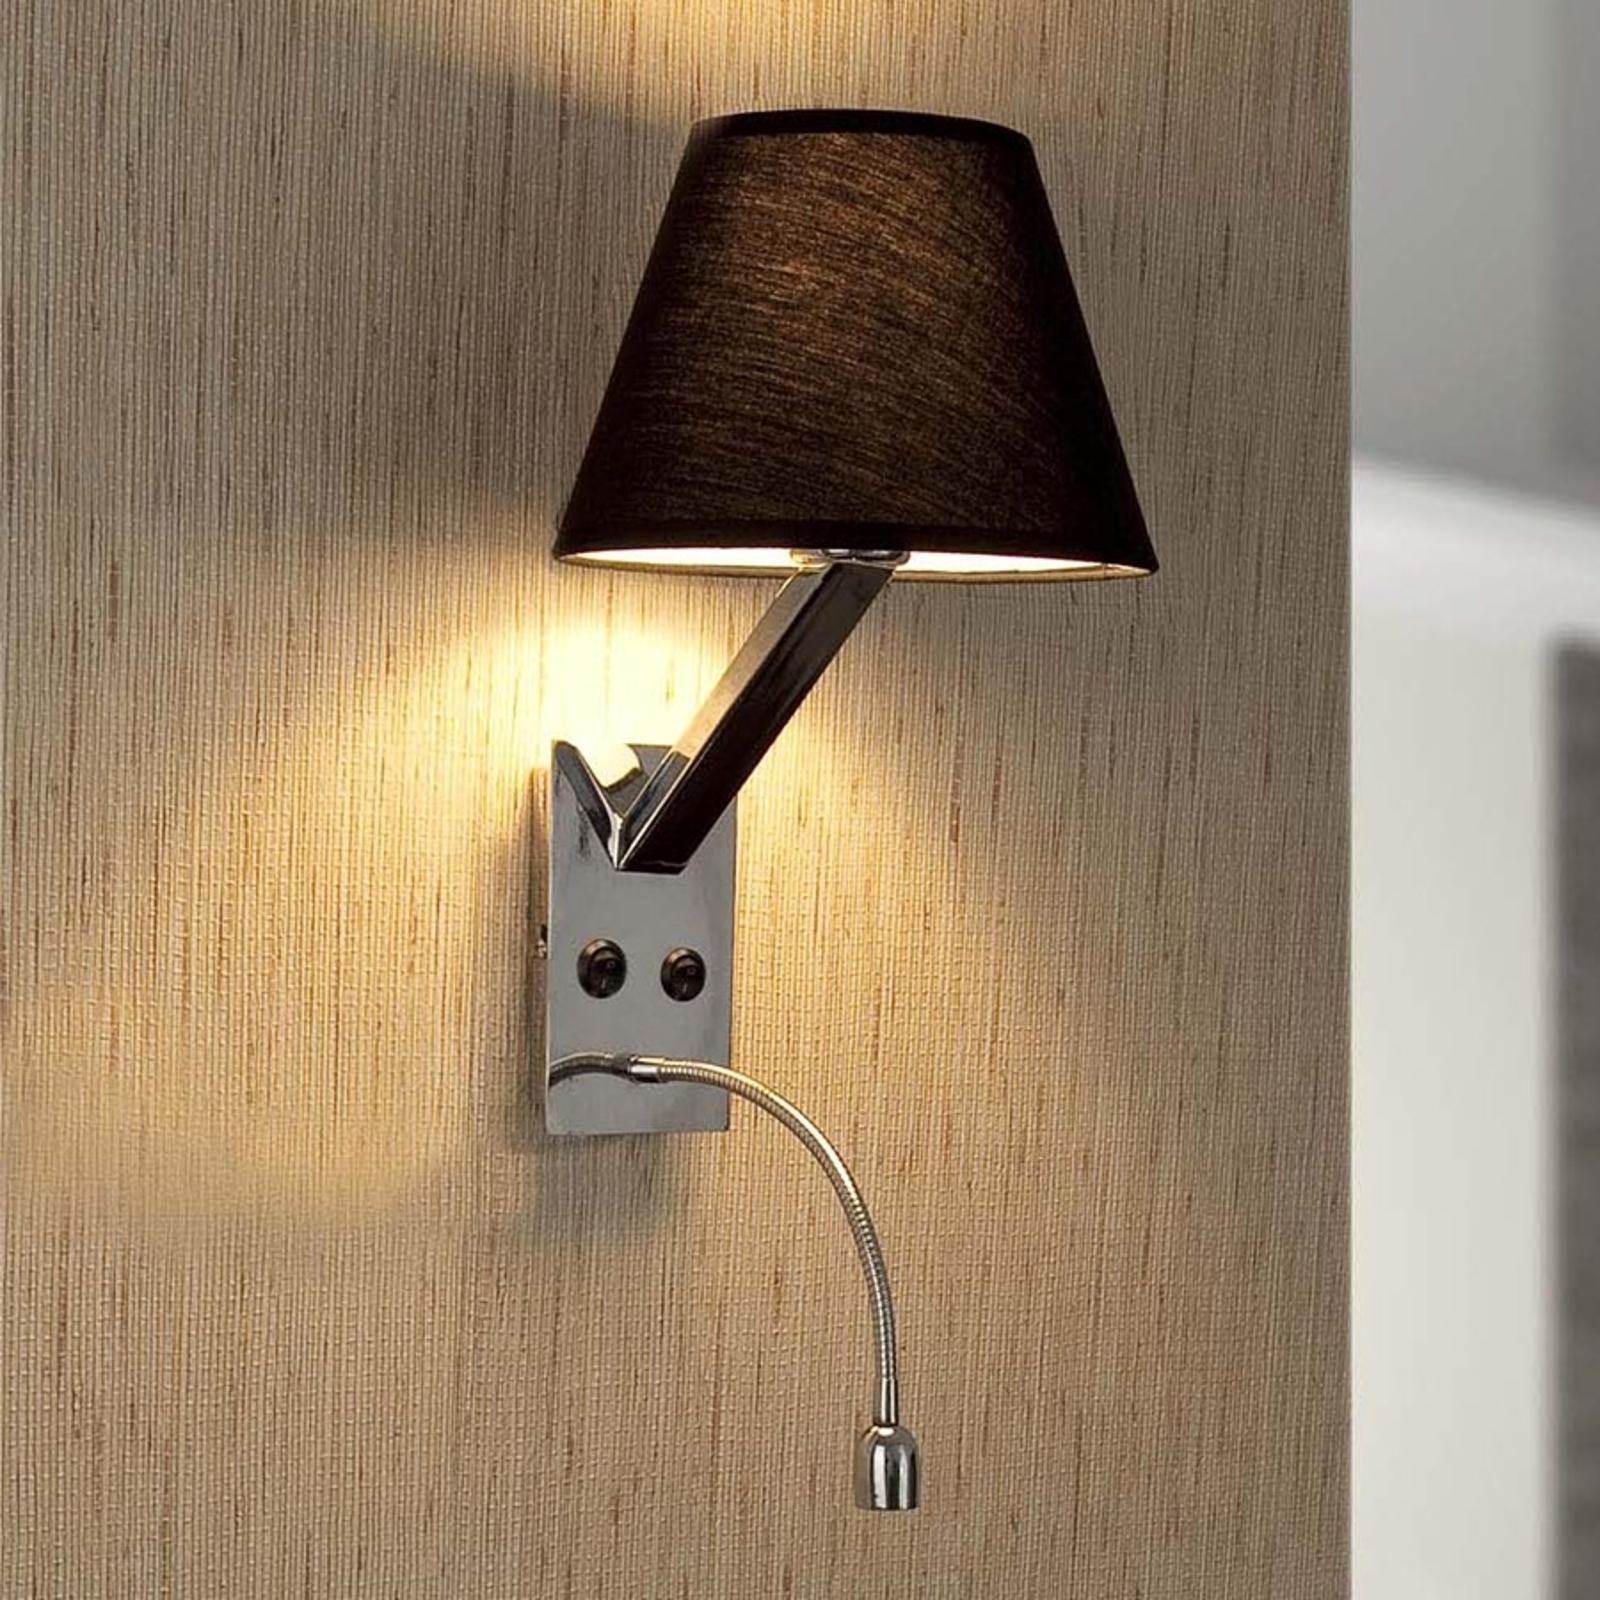 Fleksibel Moma-2 LED-væglampe i sort